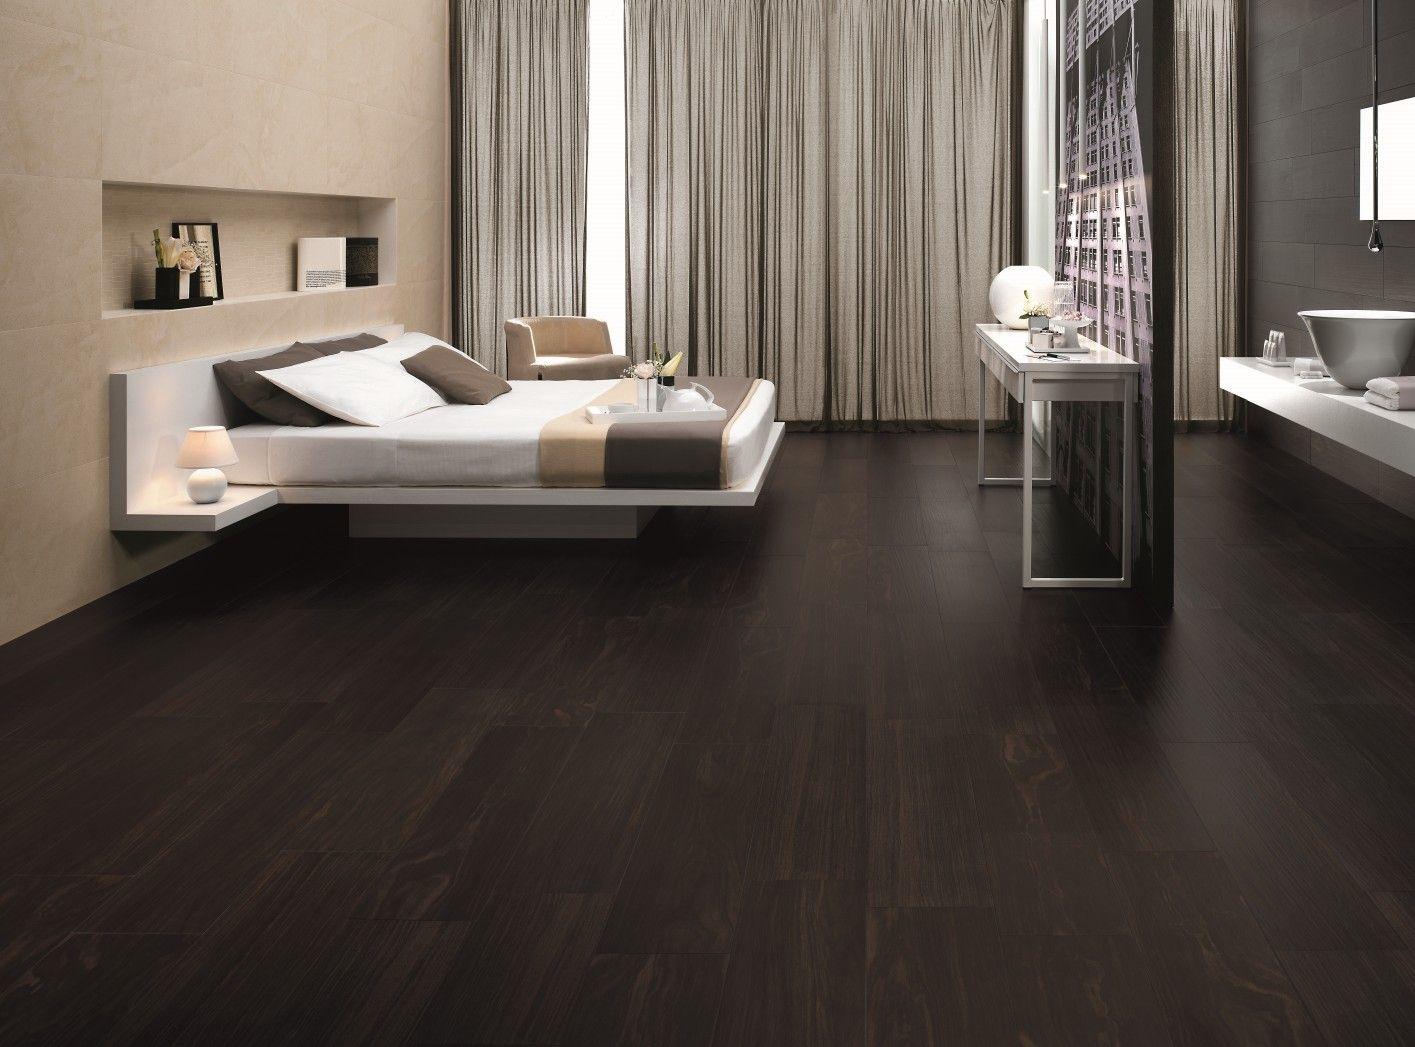 37 Luxury Tiles Bedroom Floor Sketch Decortez Tile Bedroom Bedroom Wooden Floor Bedroom Flooring